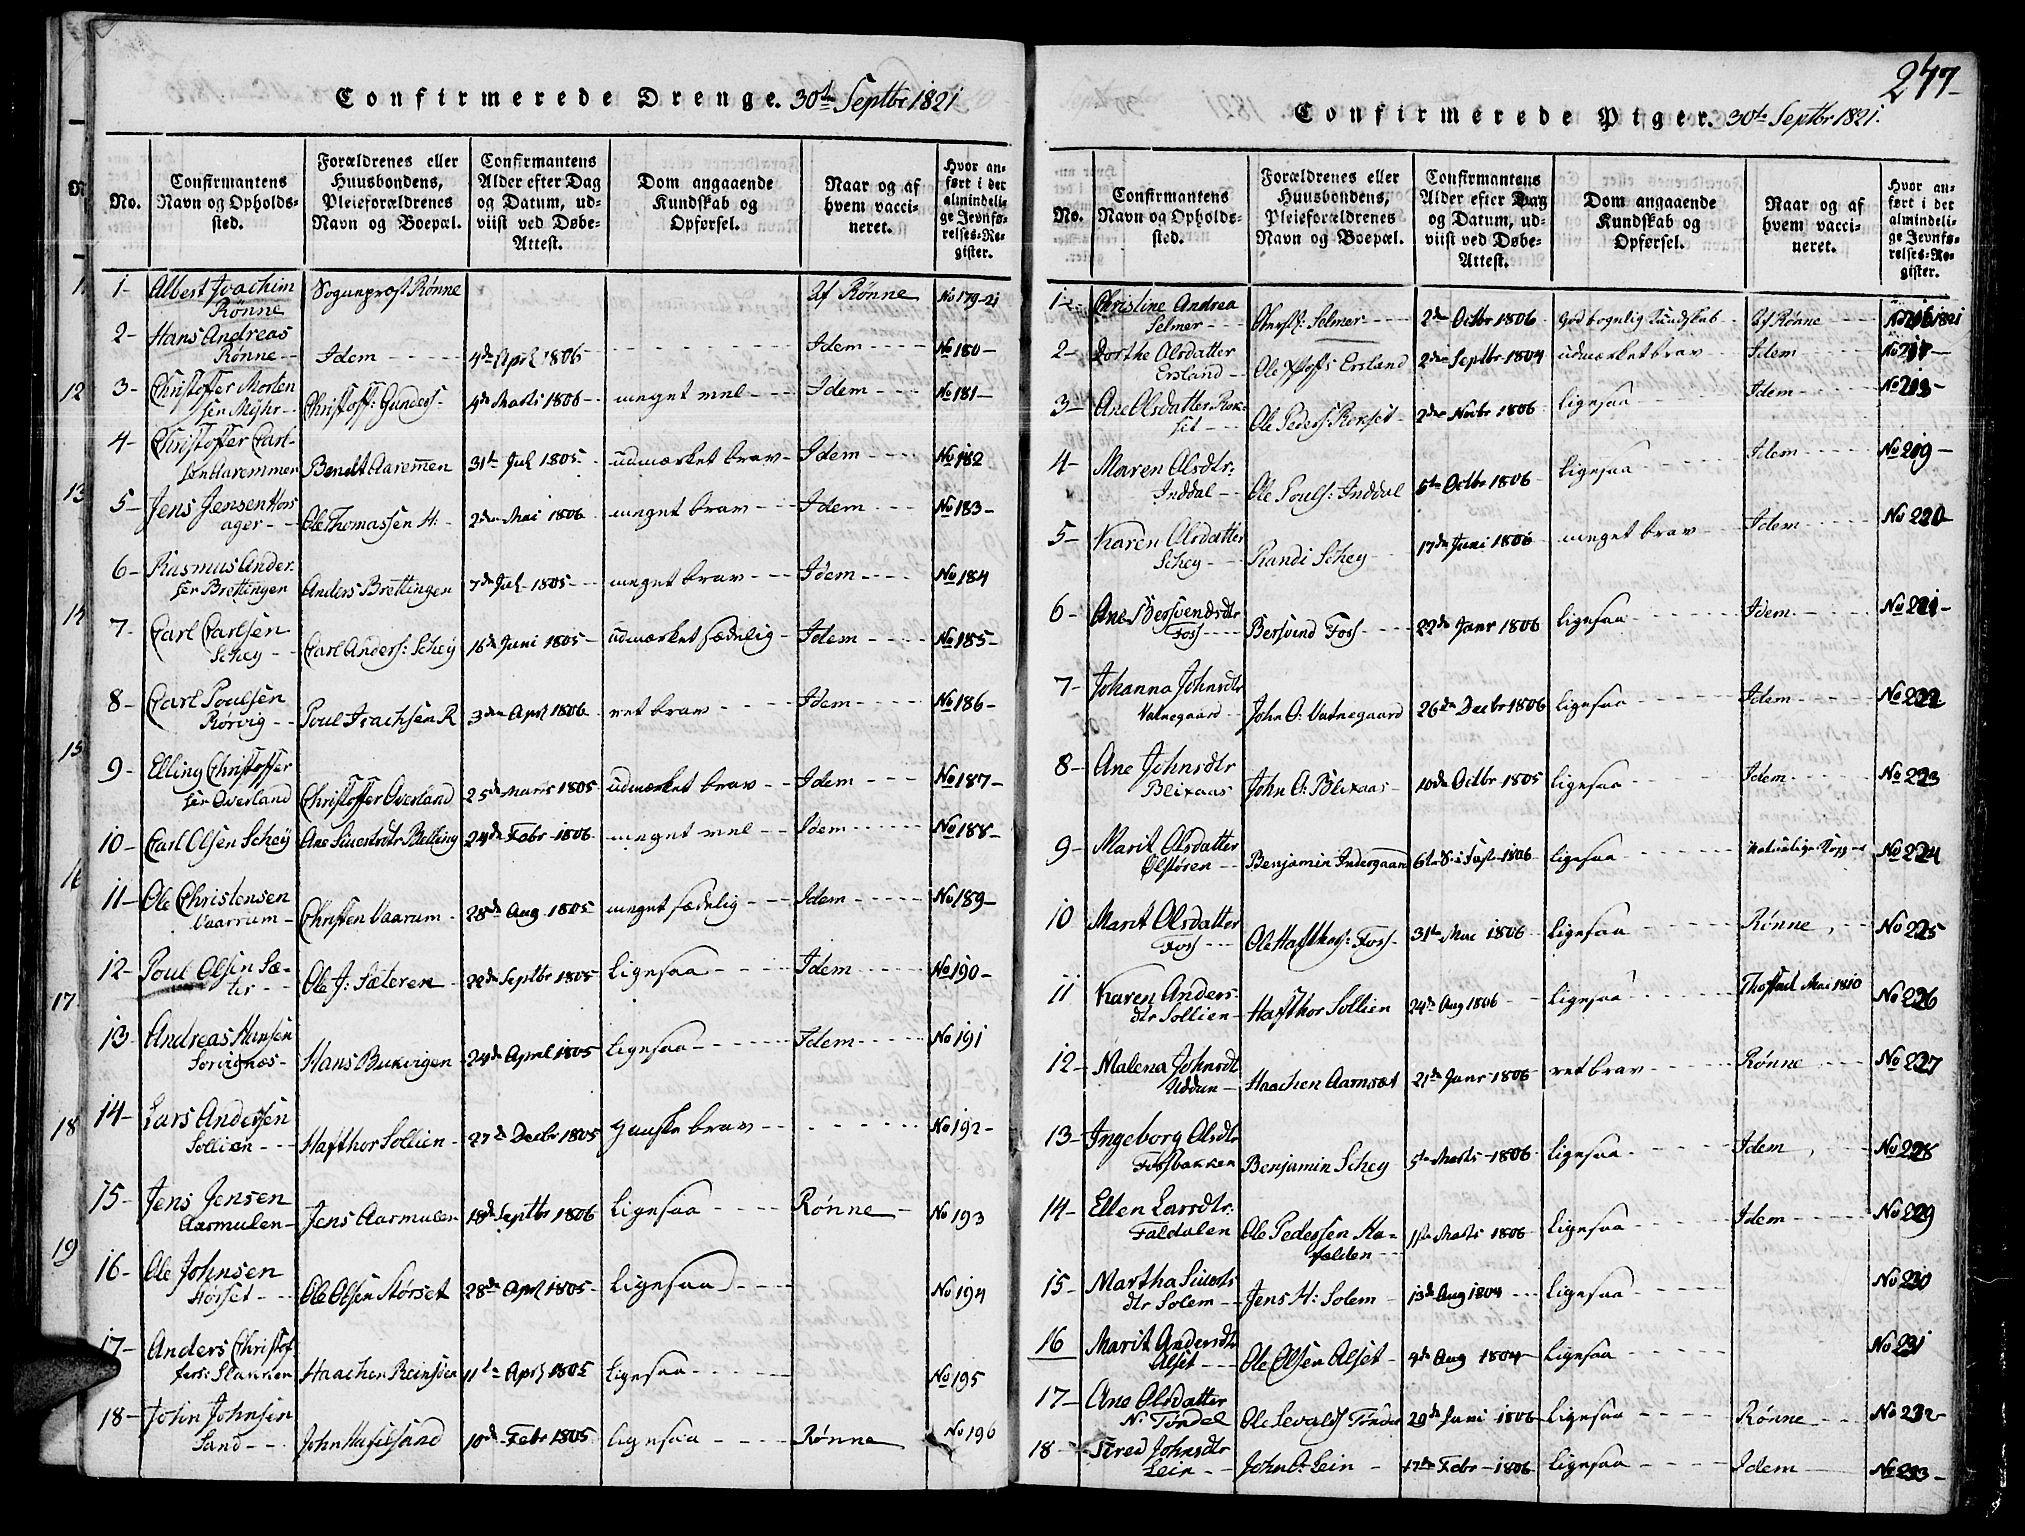 SAT, Ministerialprotokoller, klokkerbøker og fødselsregistre - Sør-Trøndelag, 646/L0608: Ministerialbok nr. 646A06, 1816-1825, s. 247